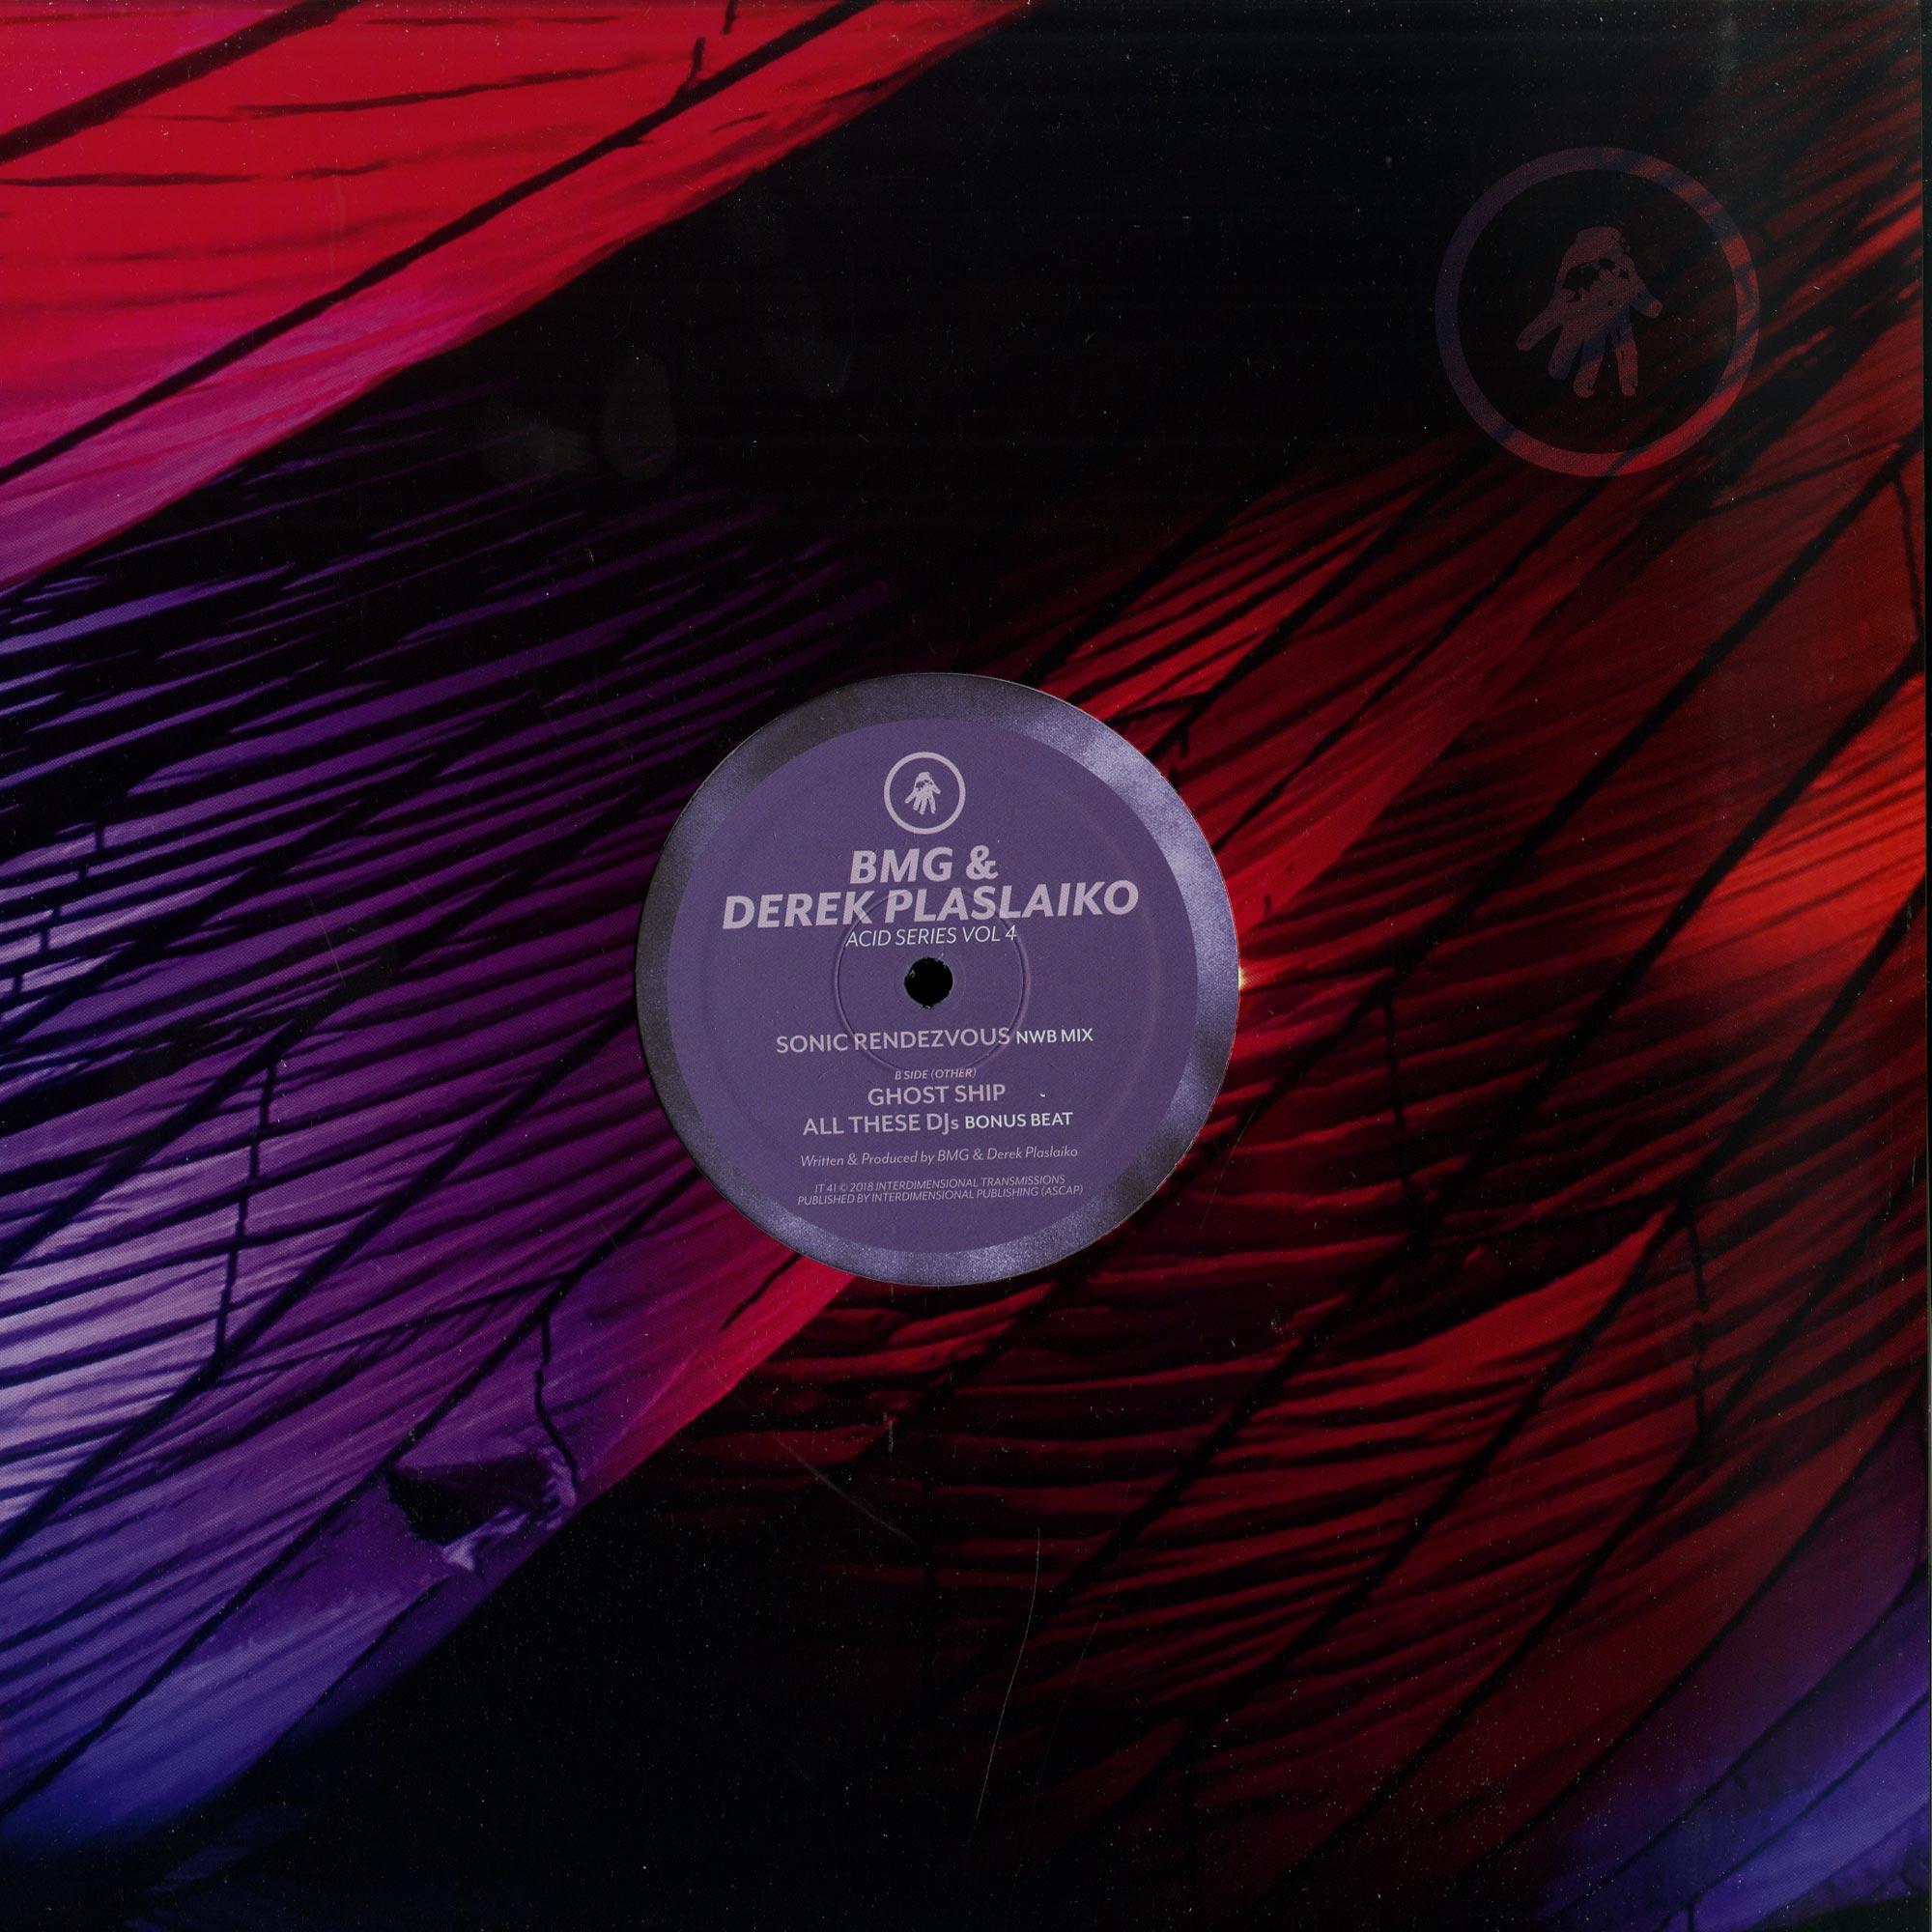 BMG & Derek Plaslaiko - ACID SERIES VOL. 4